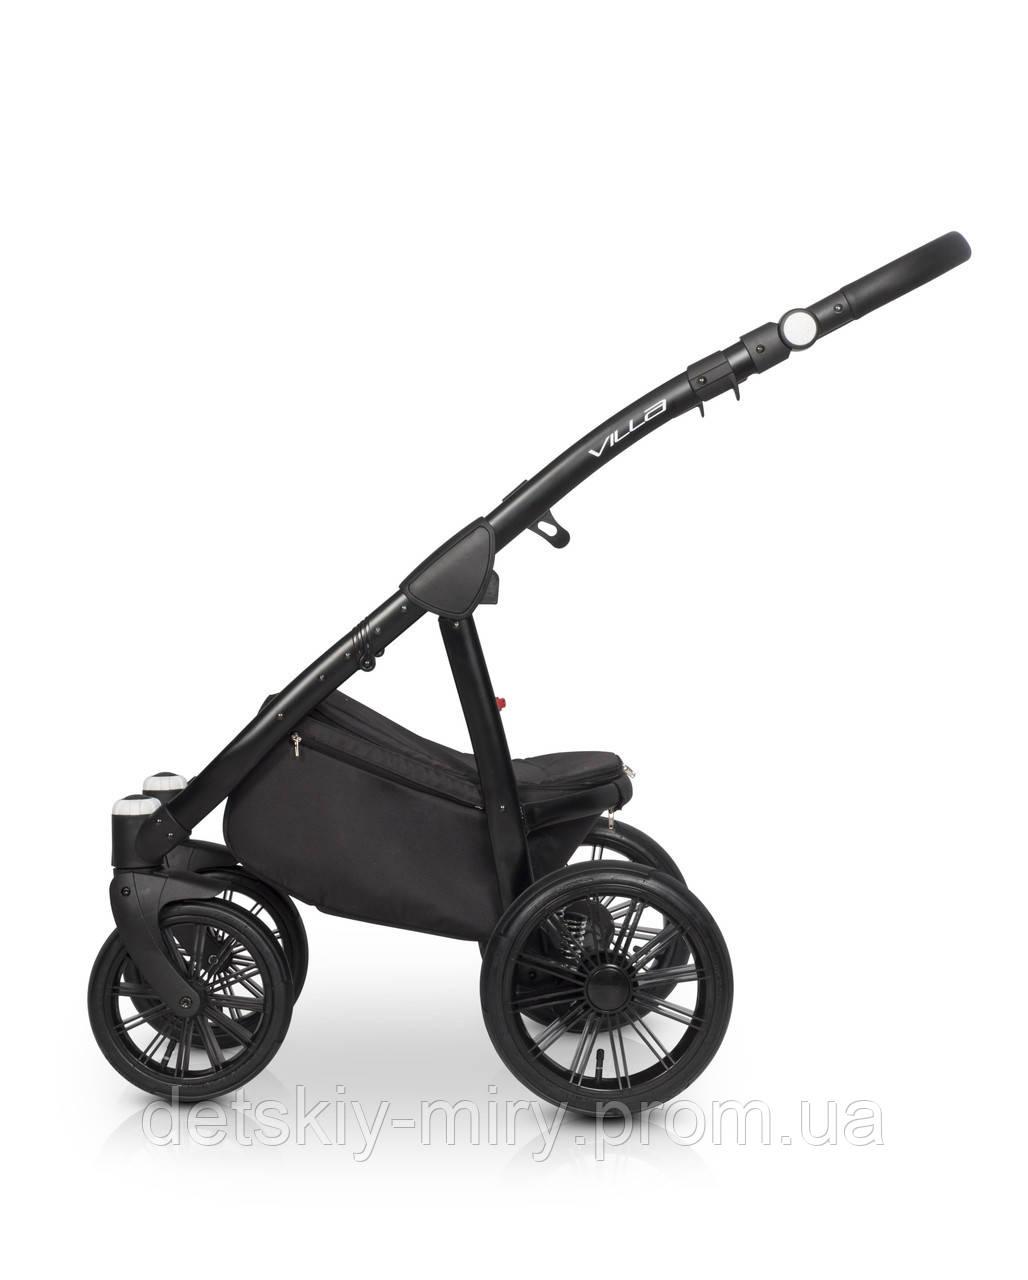 Детская универсальная коляска 2 в 1 Riko Villa - фото 9